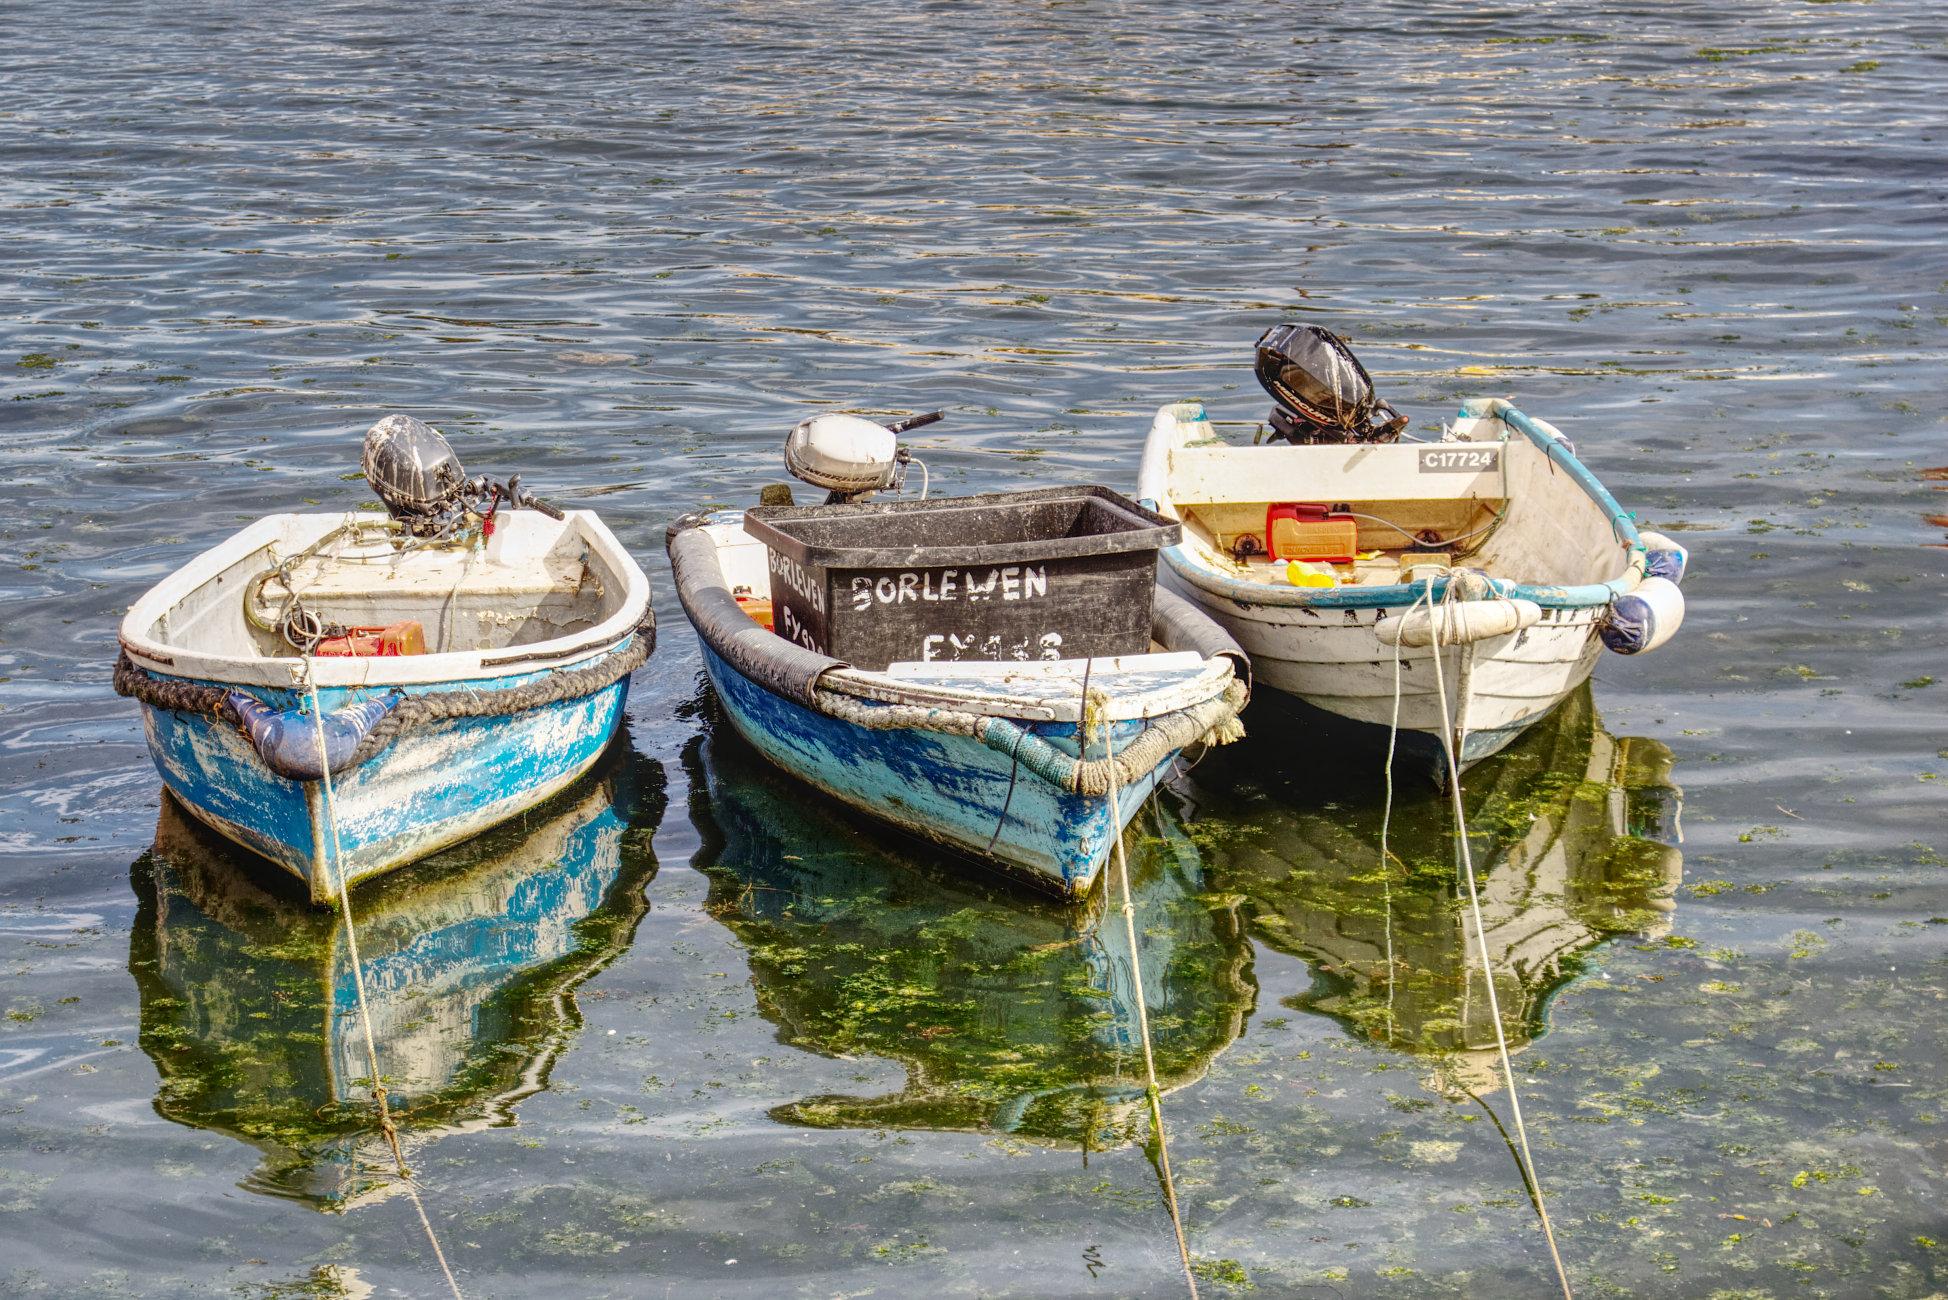 Three boats but no men